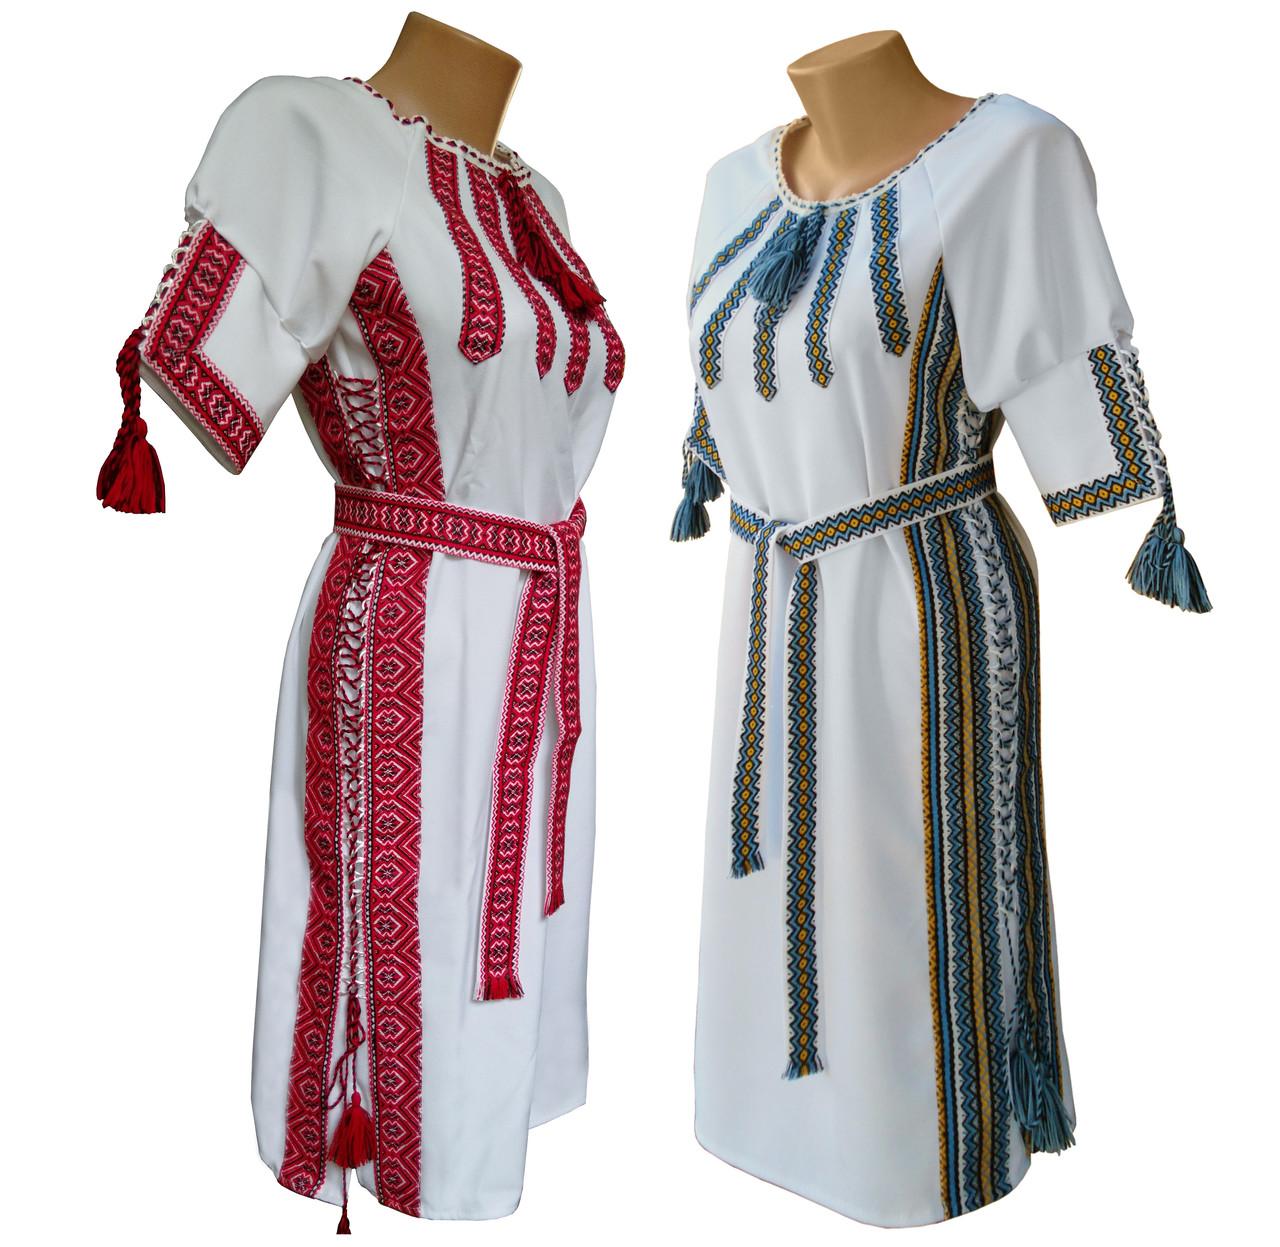 Подростковое вышитое платье с поясом в белом цвете с геометрическим орнаментом